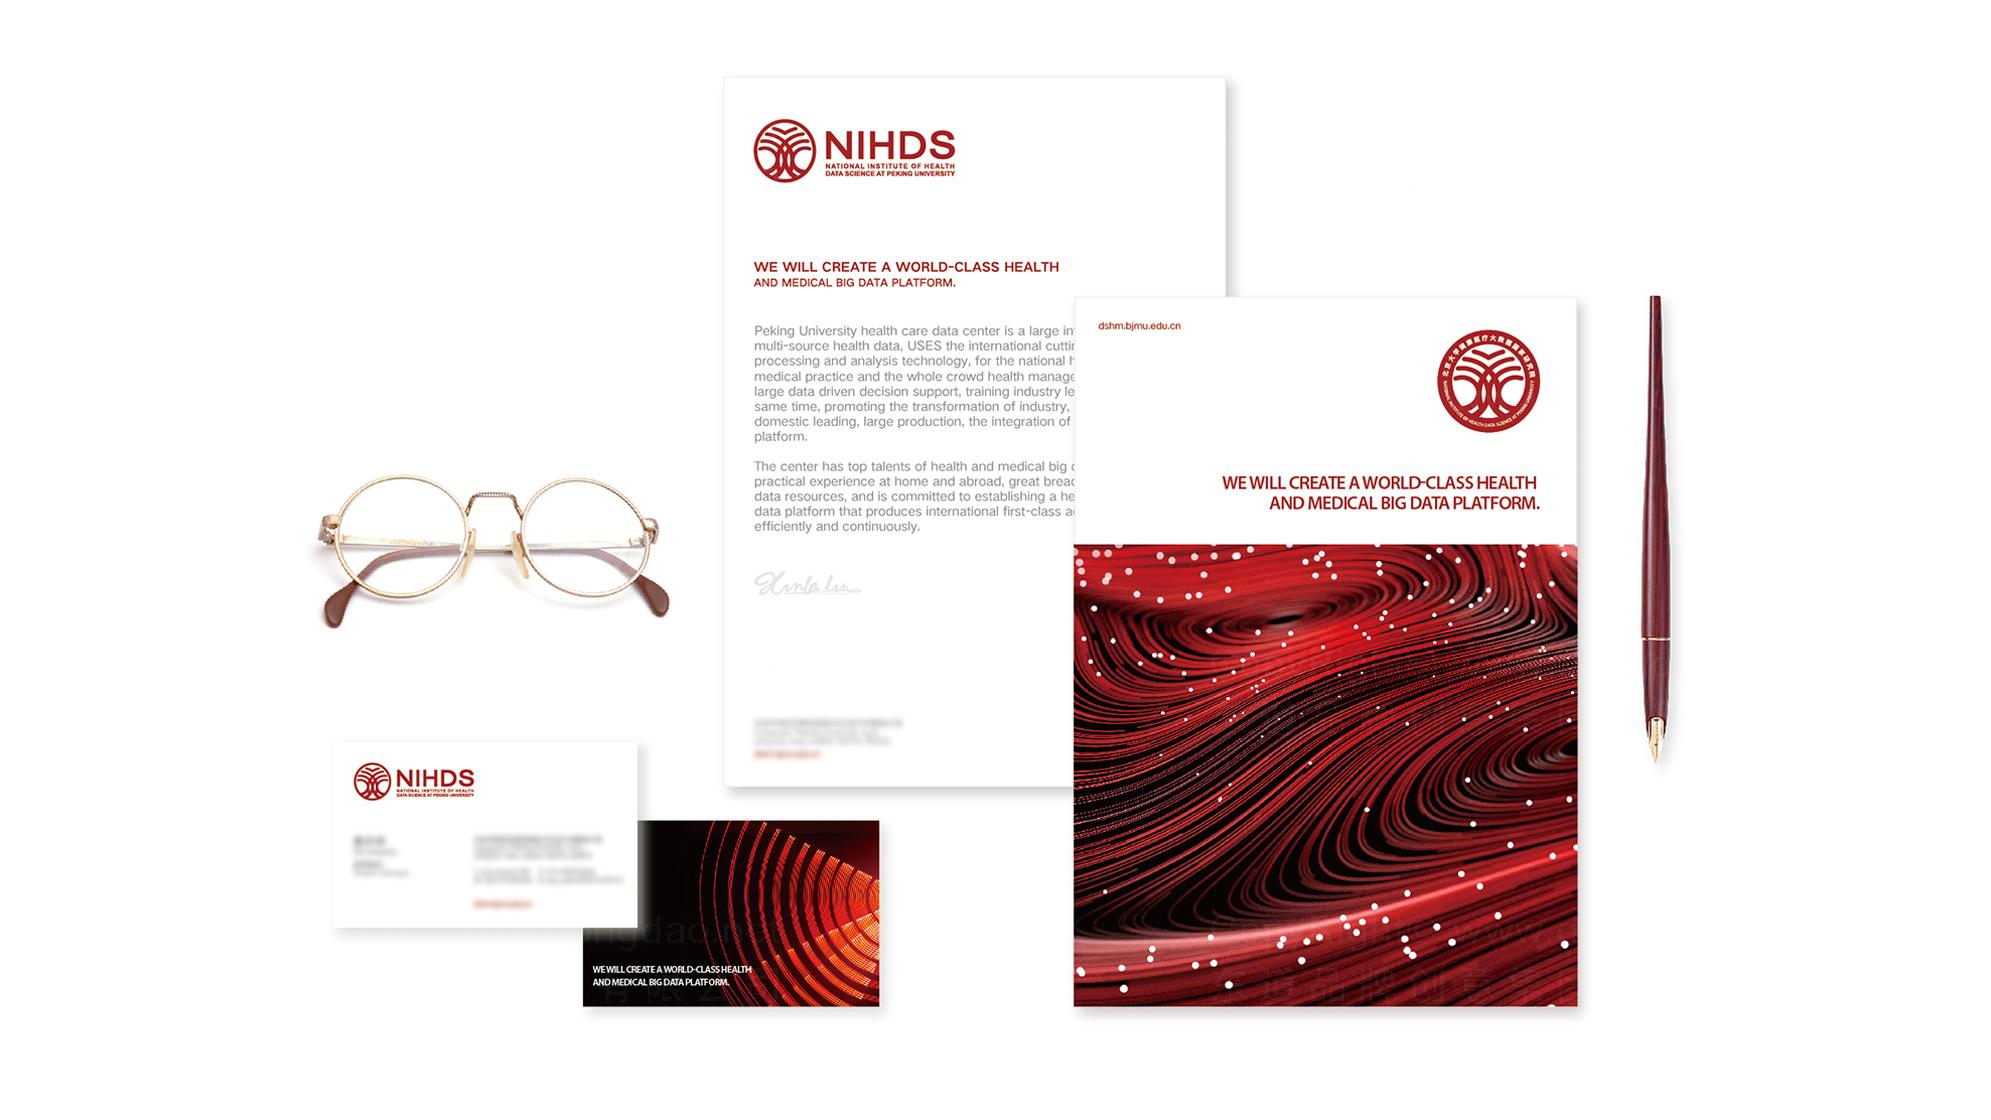 品牌设计北大医疗健康数据研究院logo设计、vi设计应用场景_3